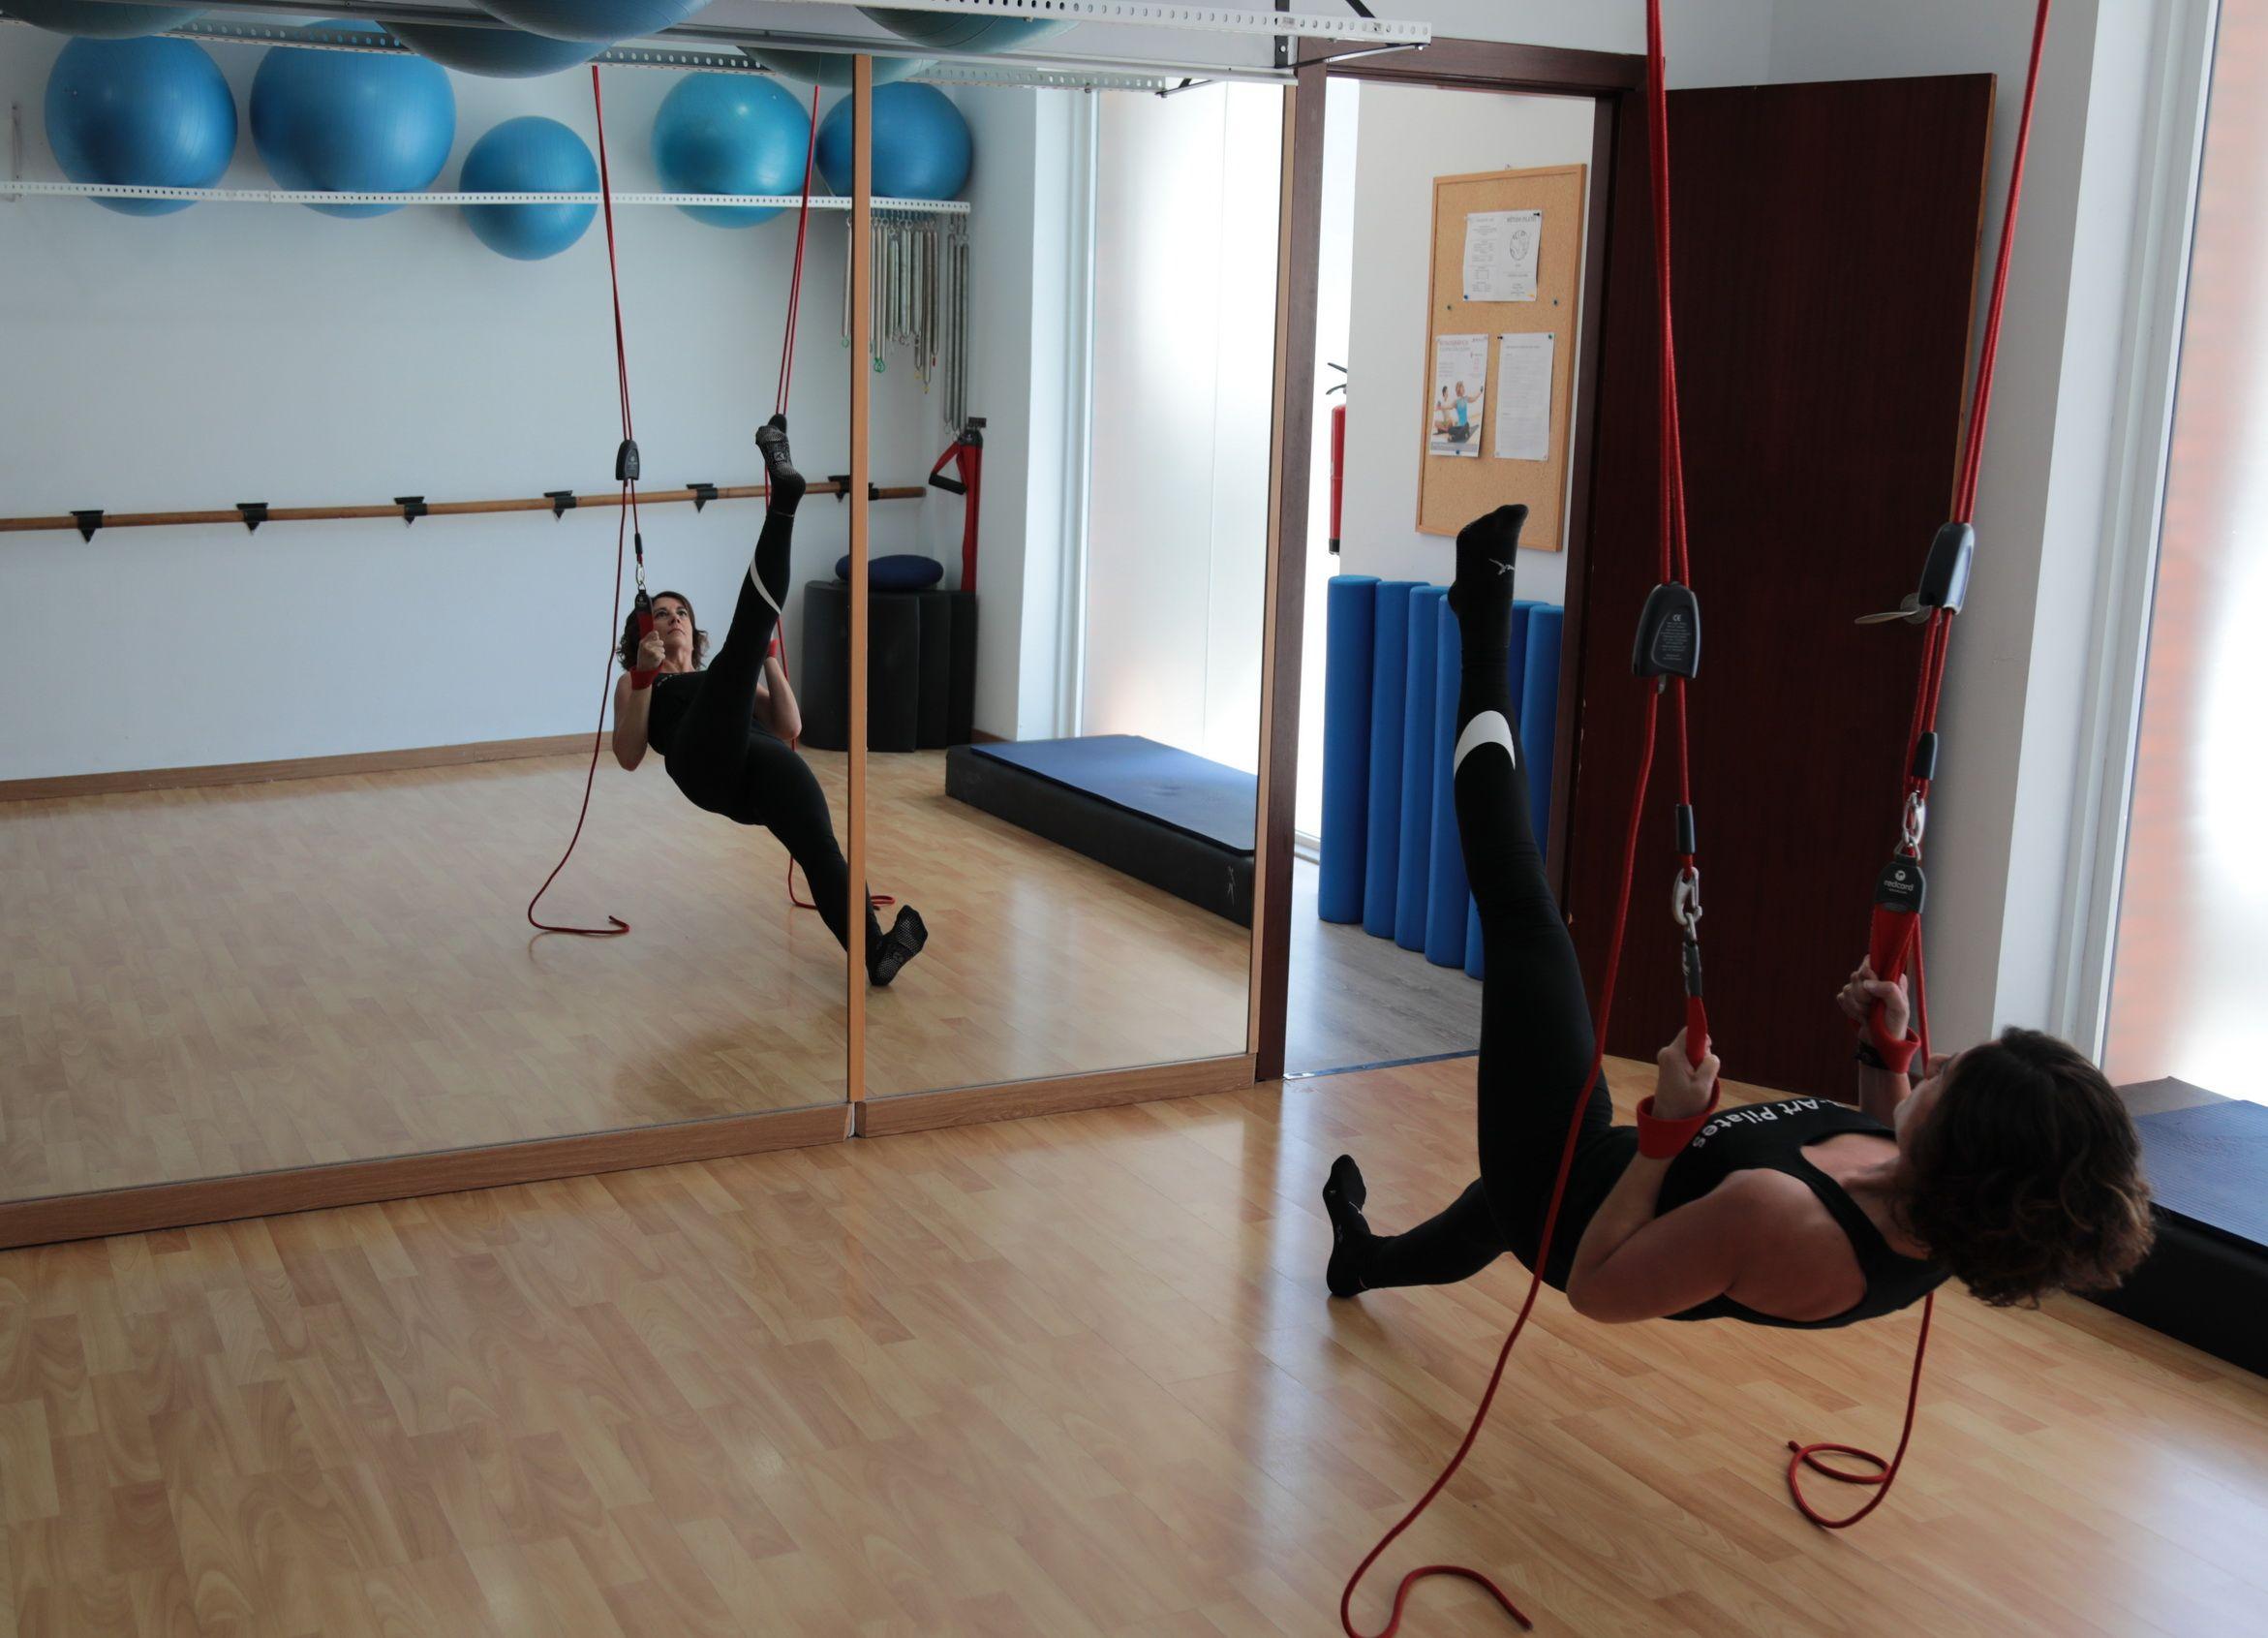 Estudio de pilates en Reus